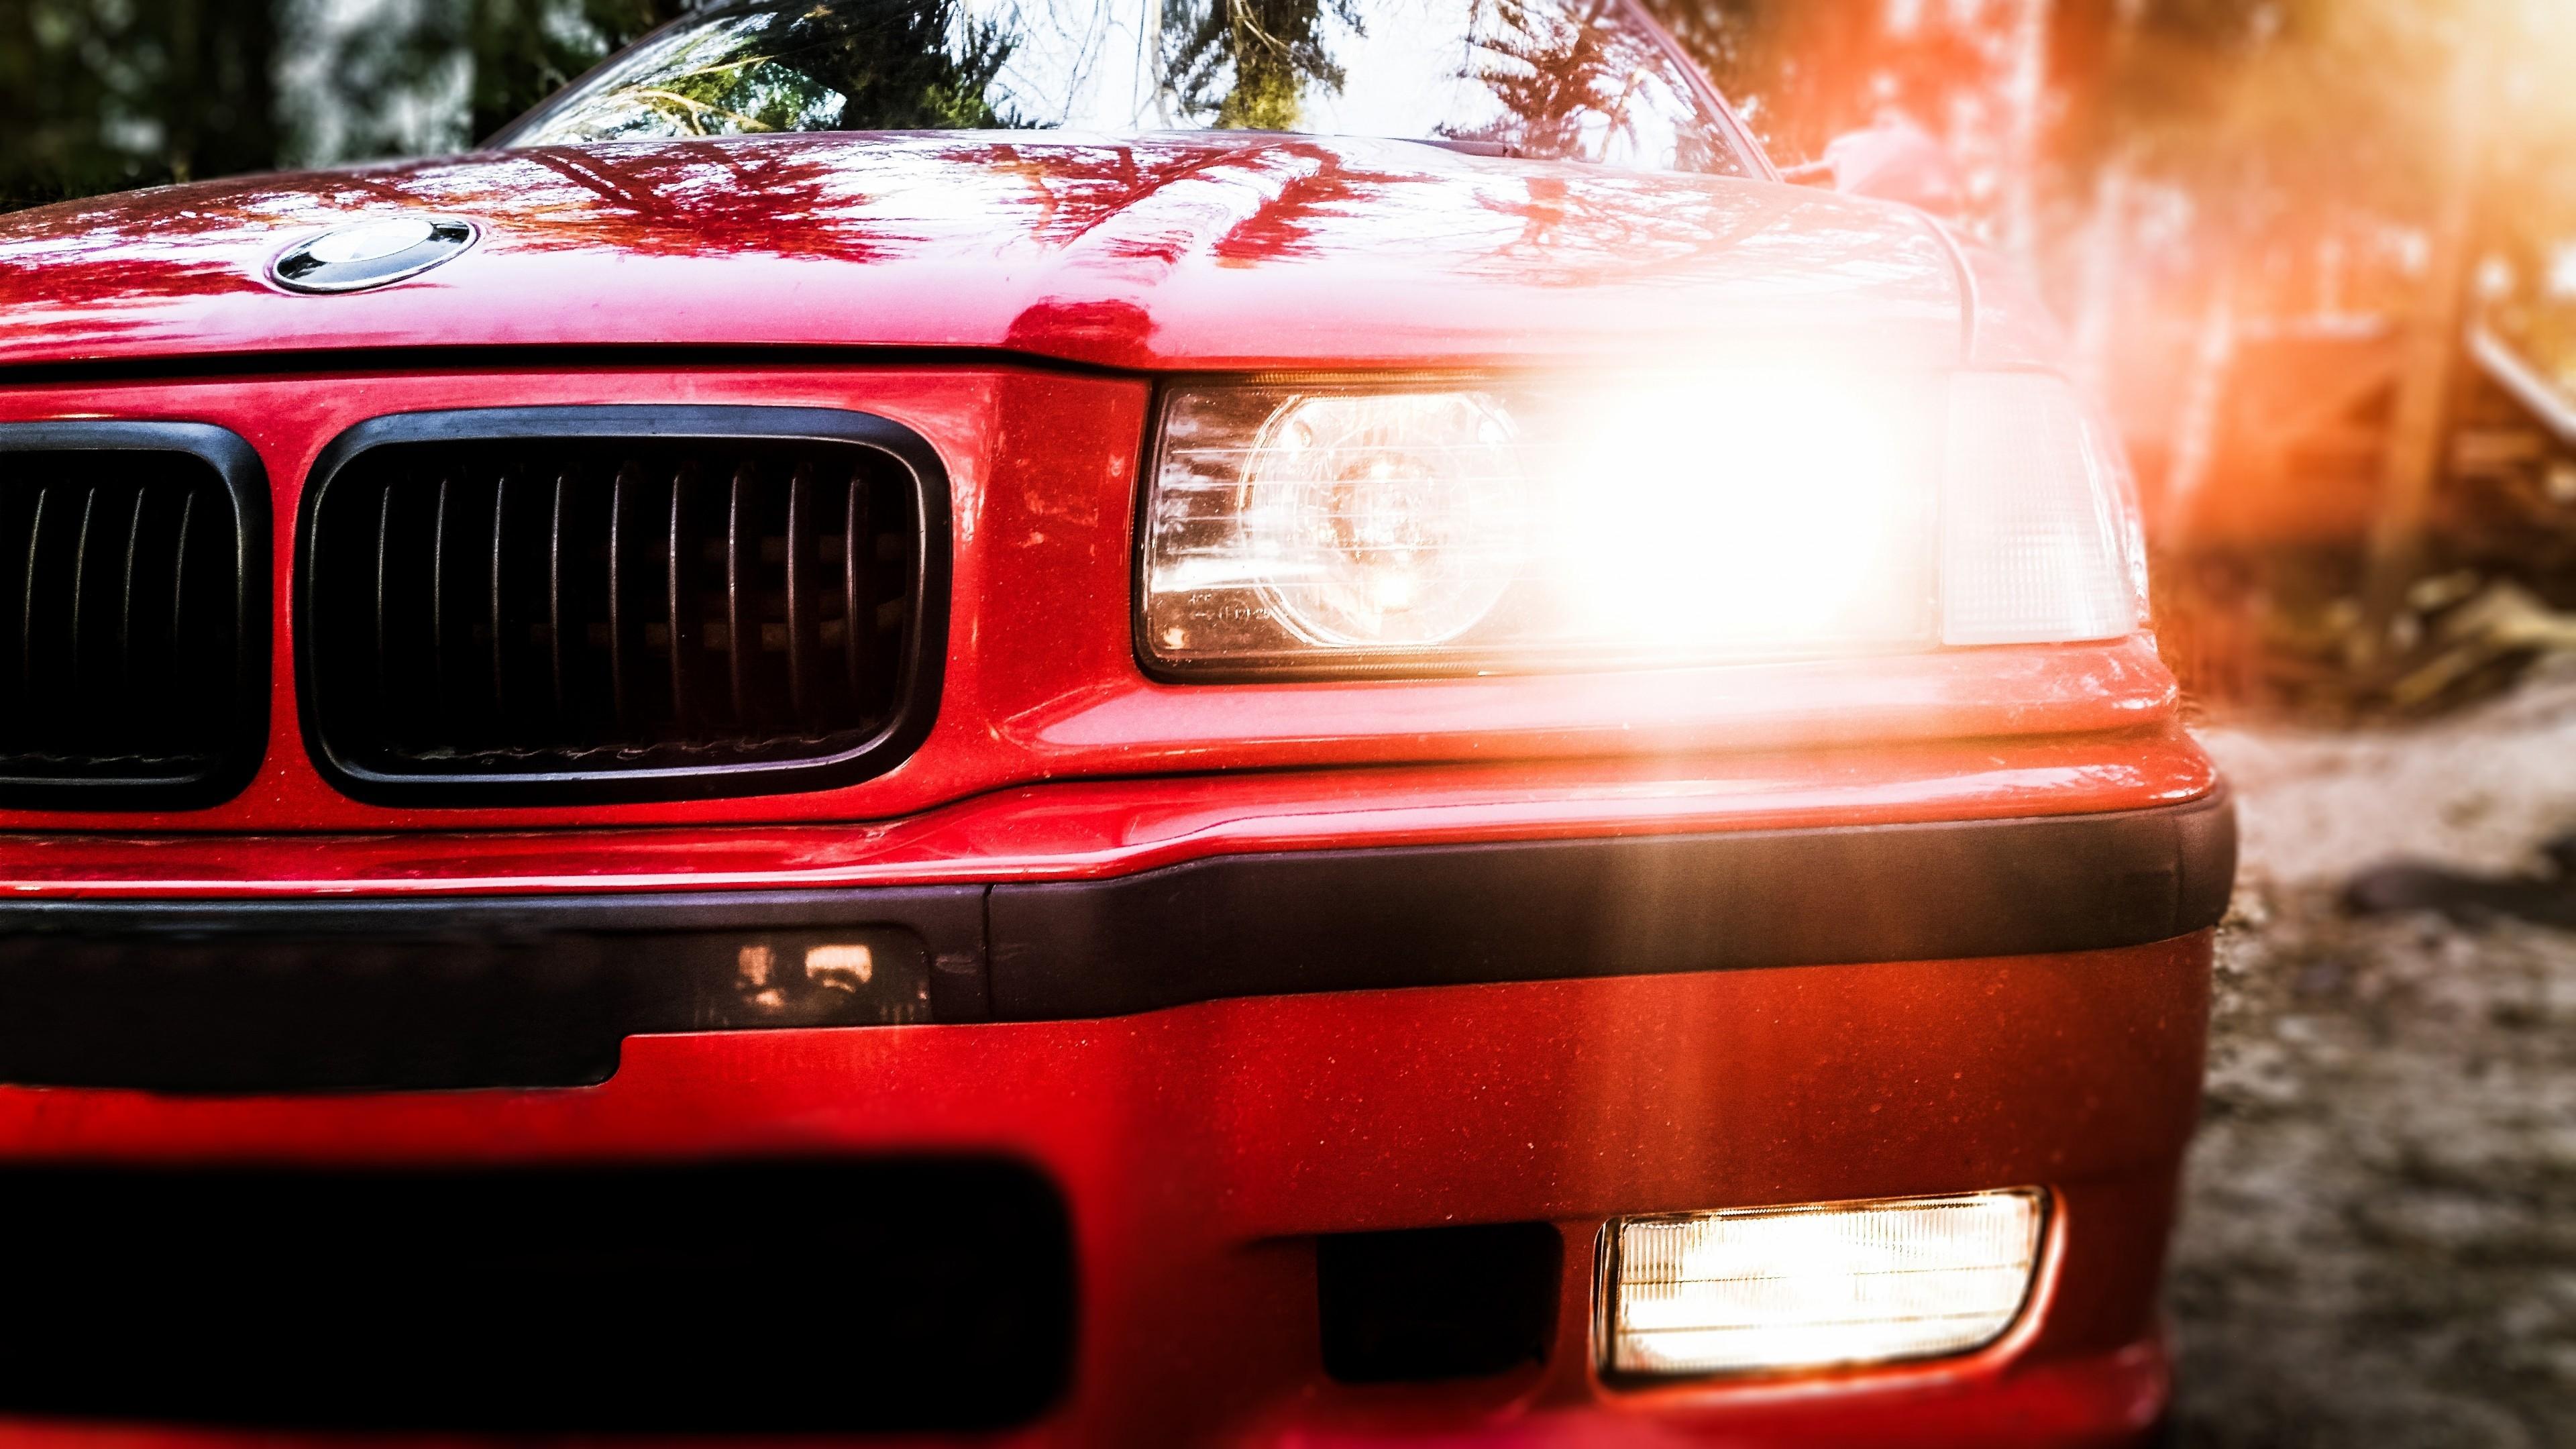 1920x1080 BMW E36 328I Cabrio Back Blue Fire Abstract